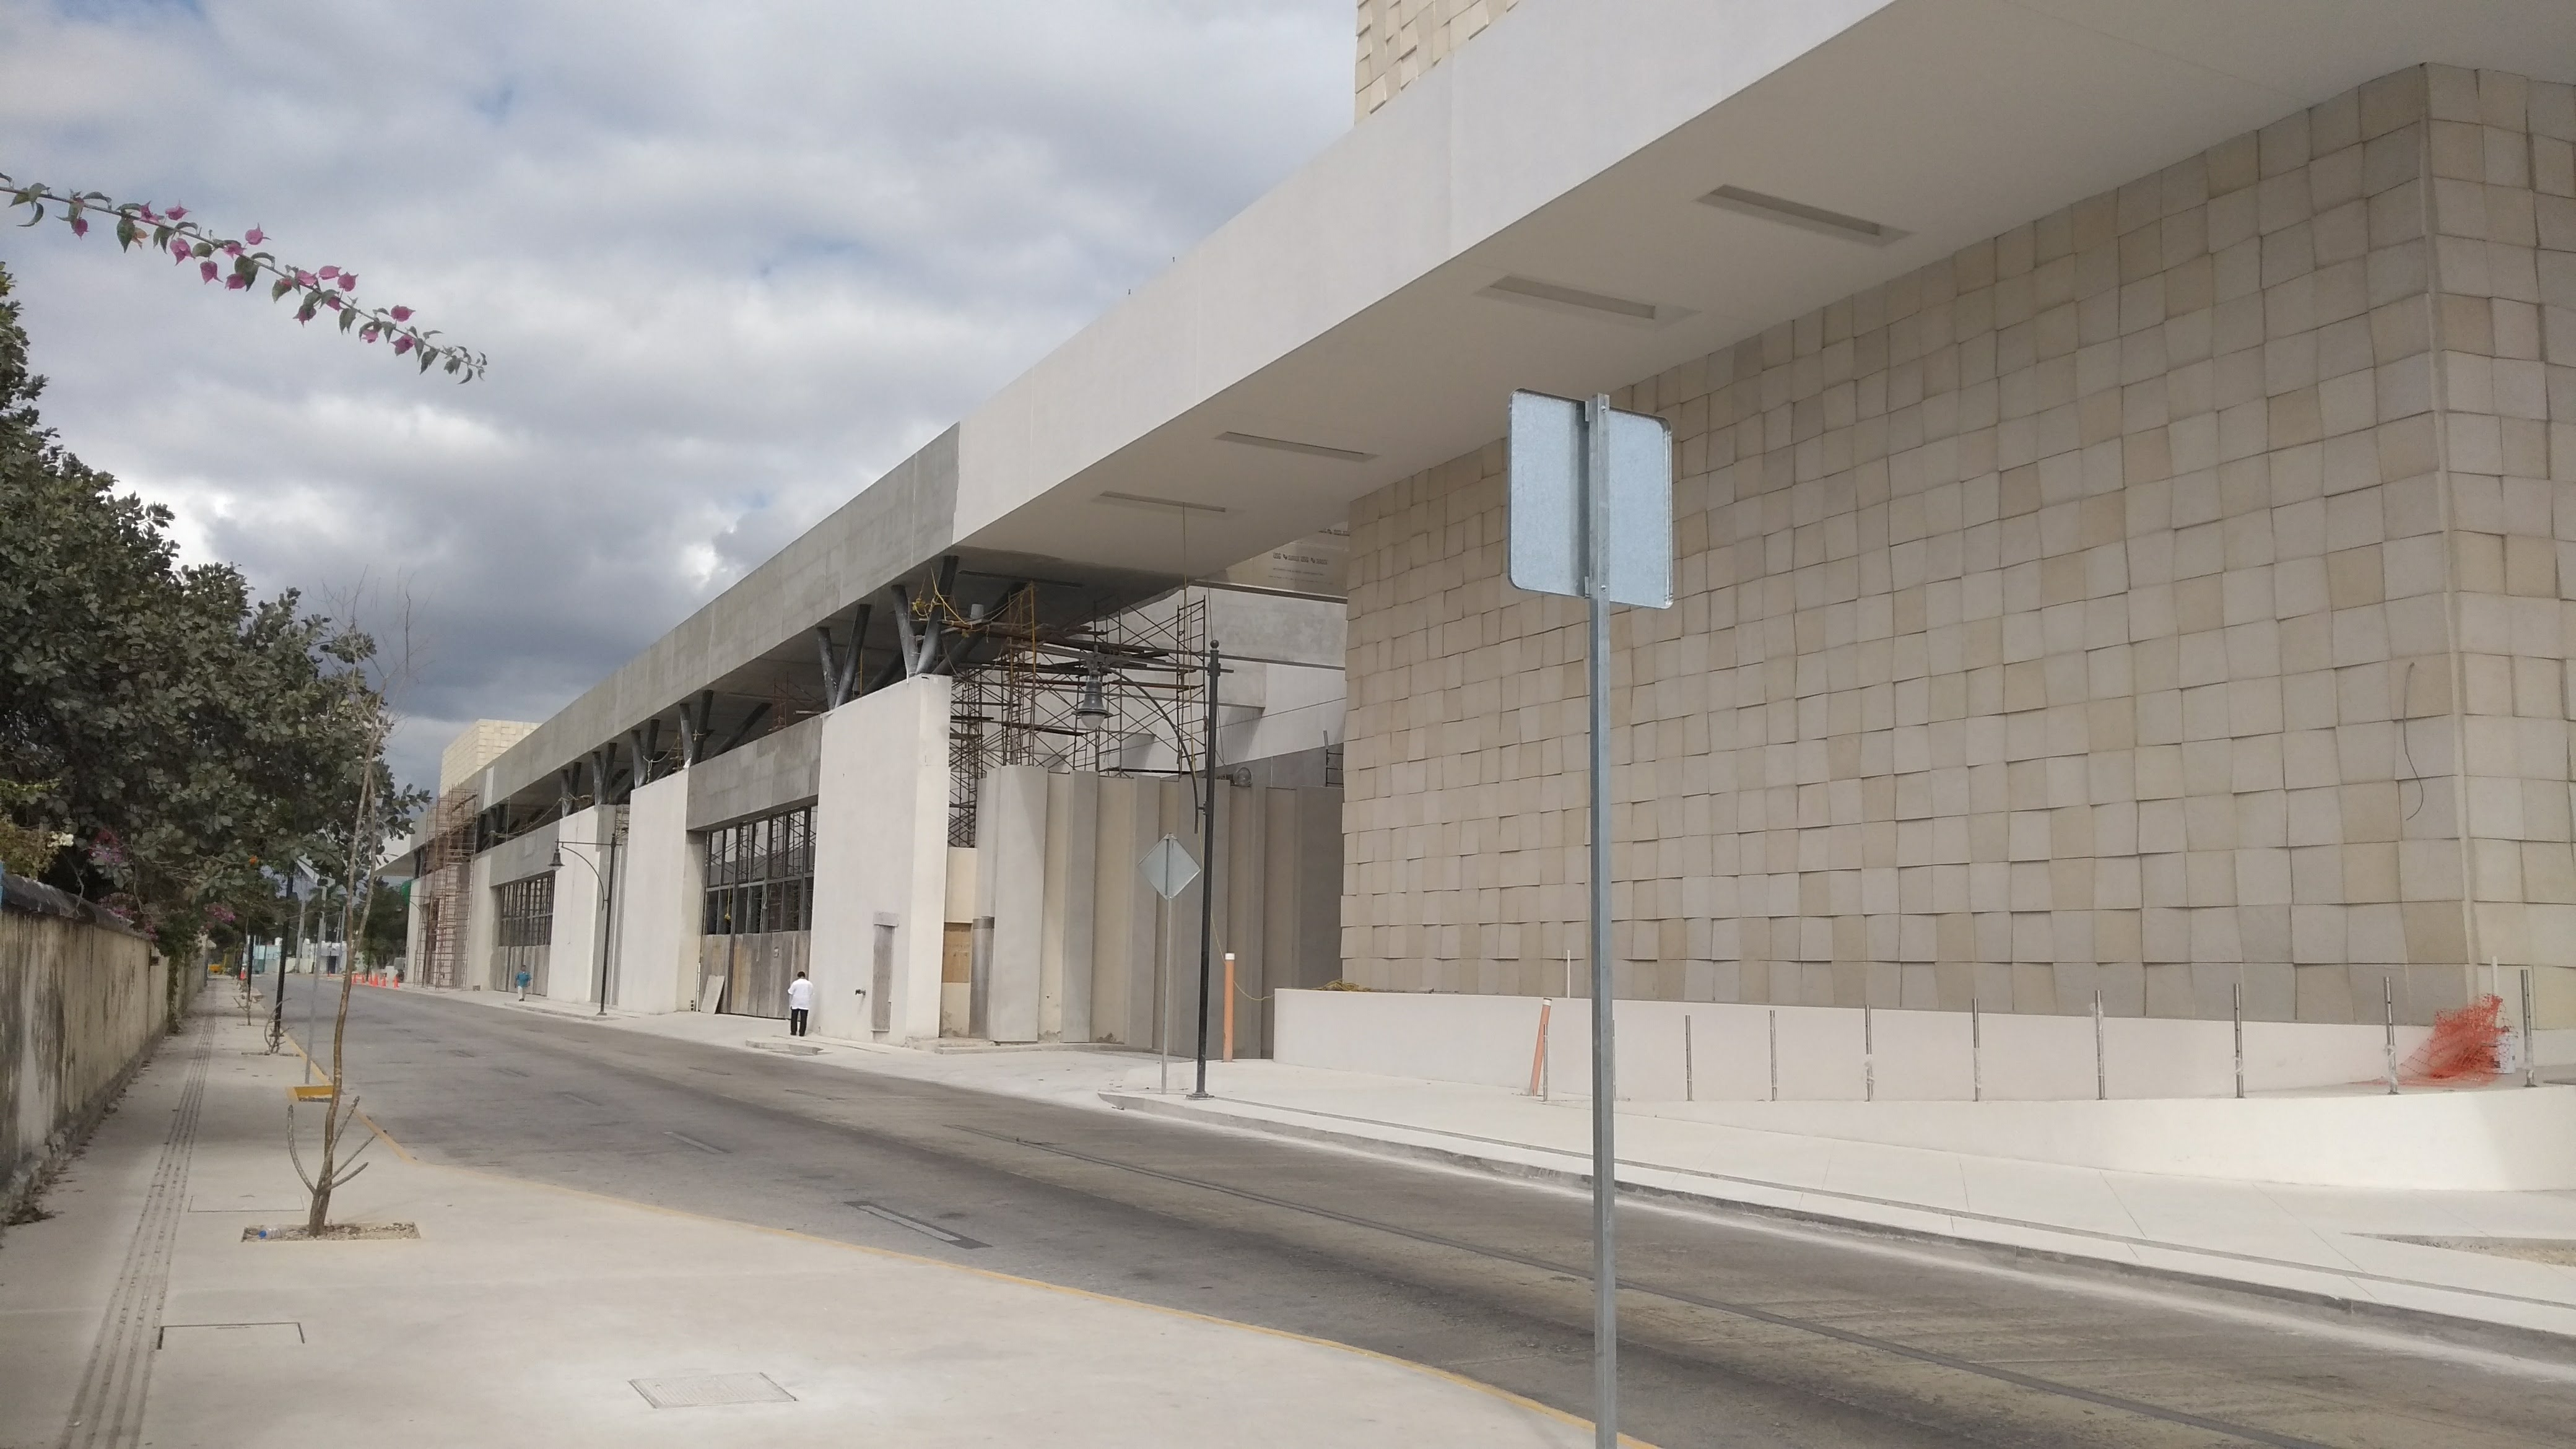 Centro de Congresos, coloso arquitectónico y turístico